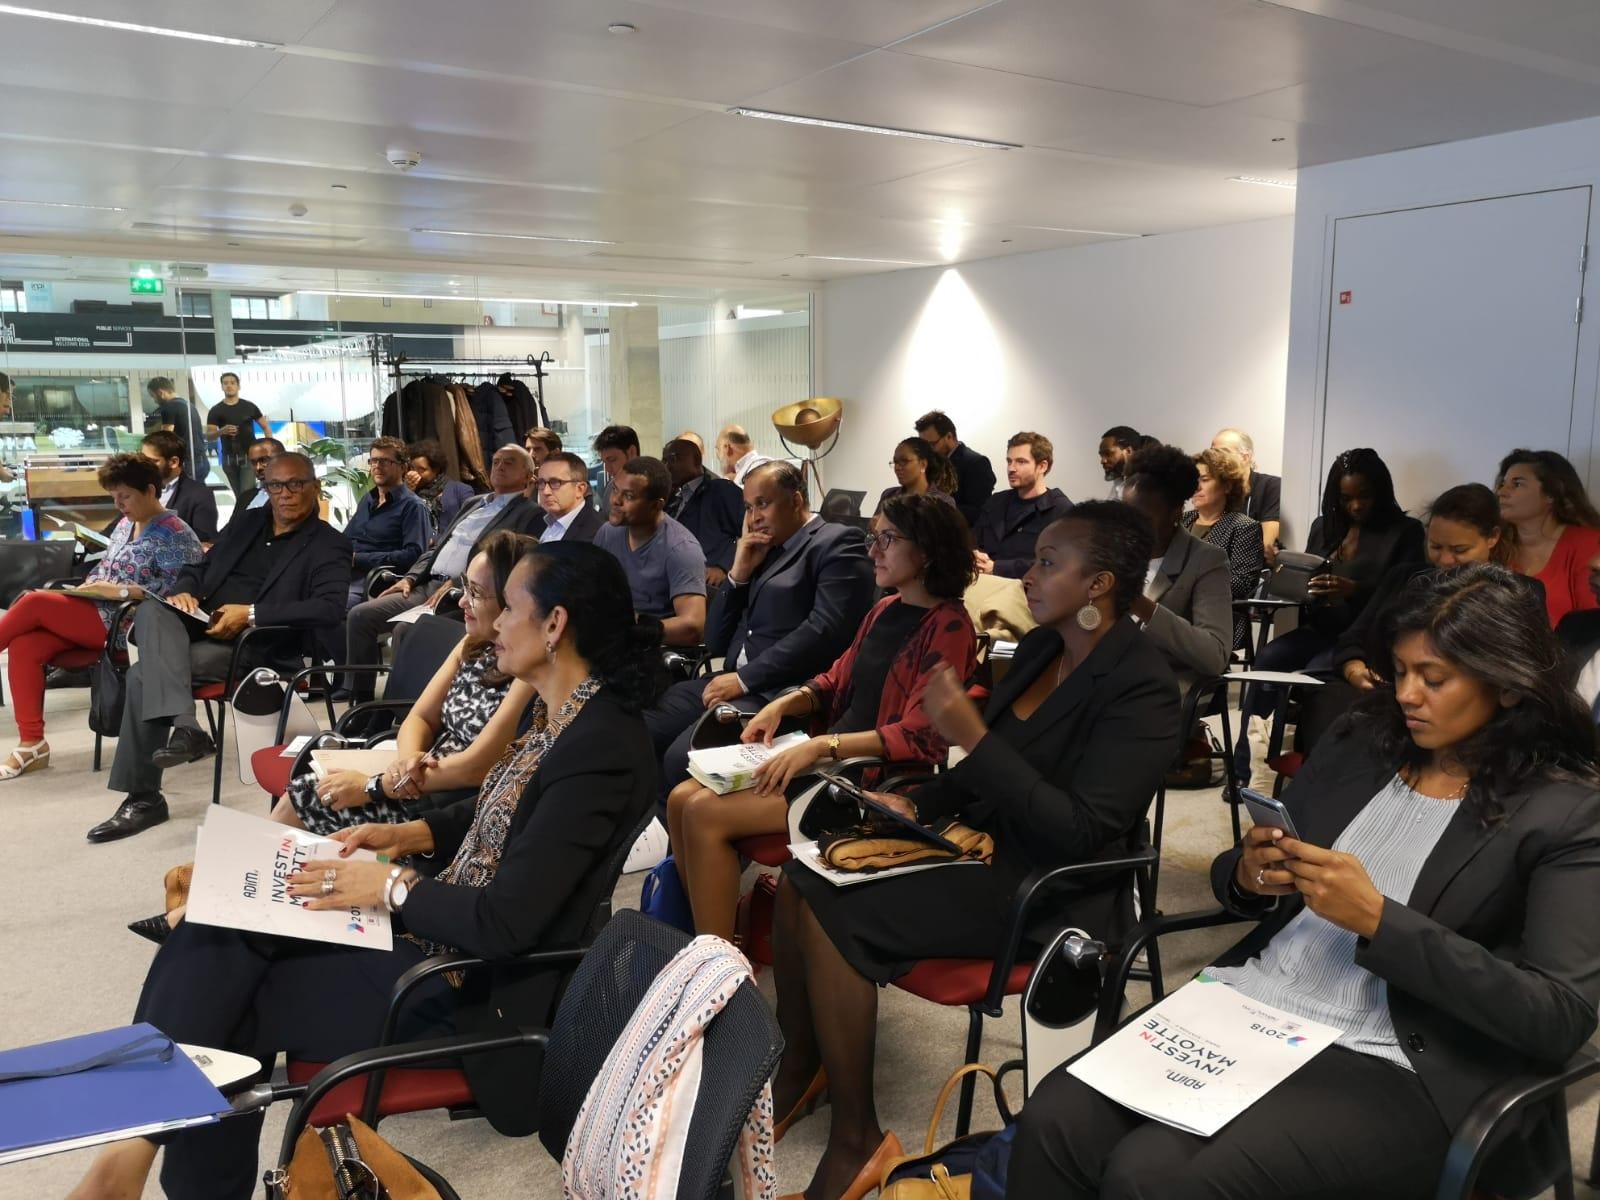 Economie à Mayotte : Invest in Mayotte à Station F à Paris ou l'opération séduction pour attirer de nouveaux investisseurs à Mayotte